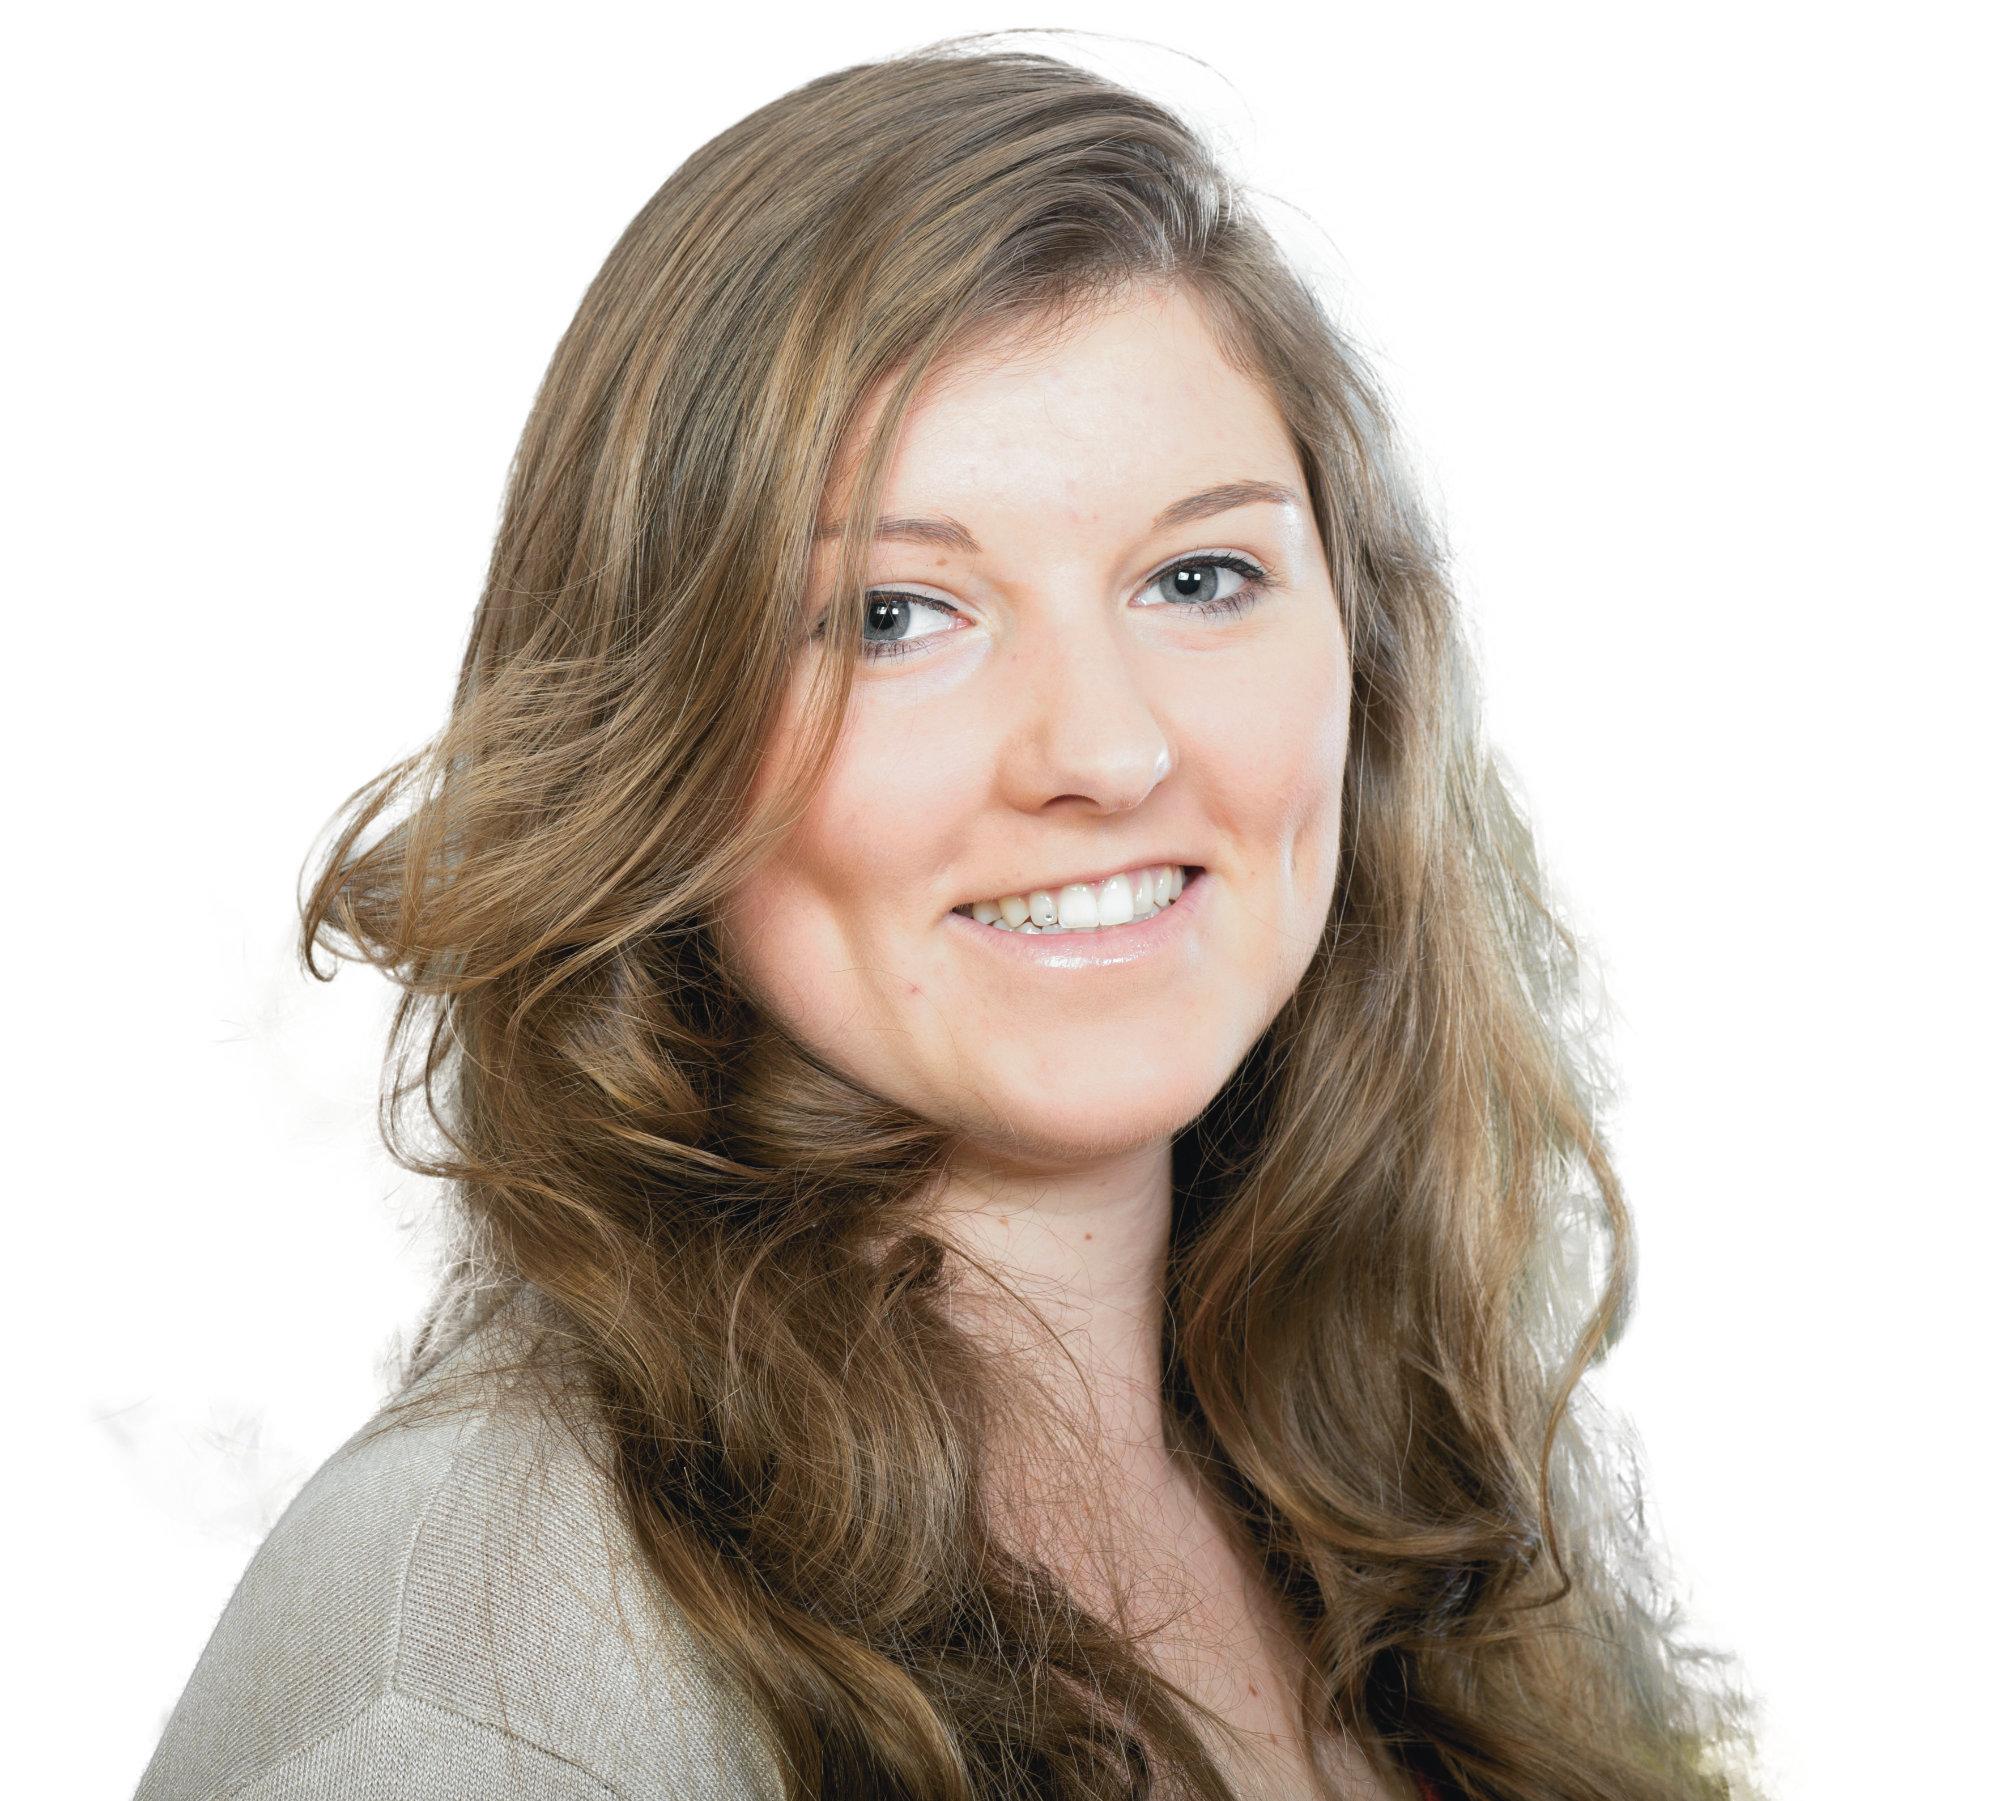 Kerstin Klausner